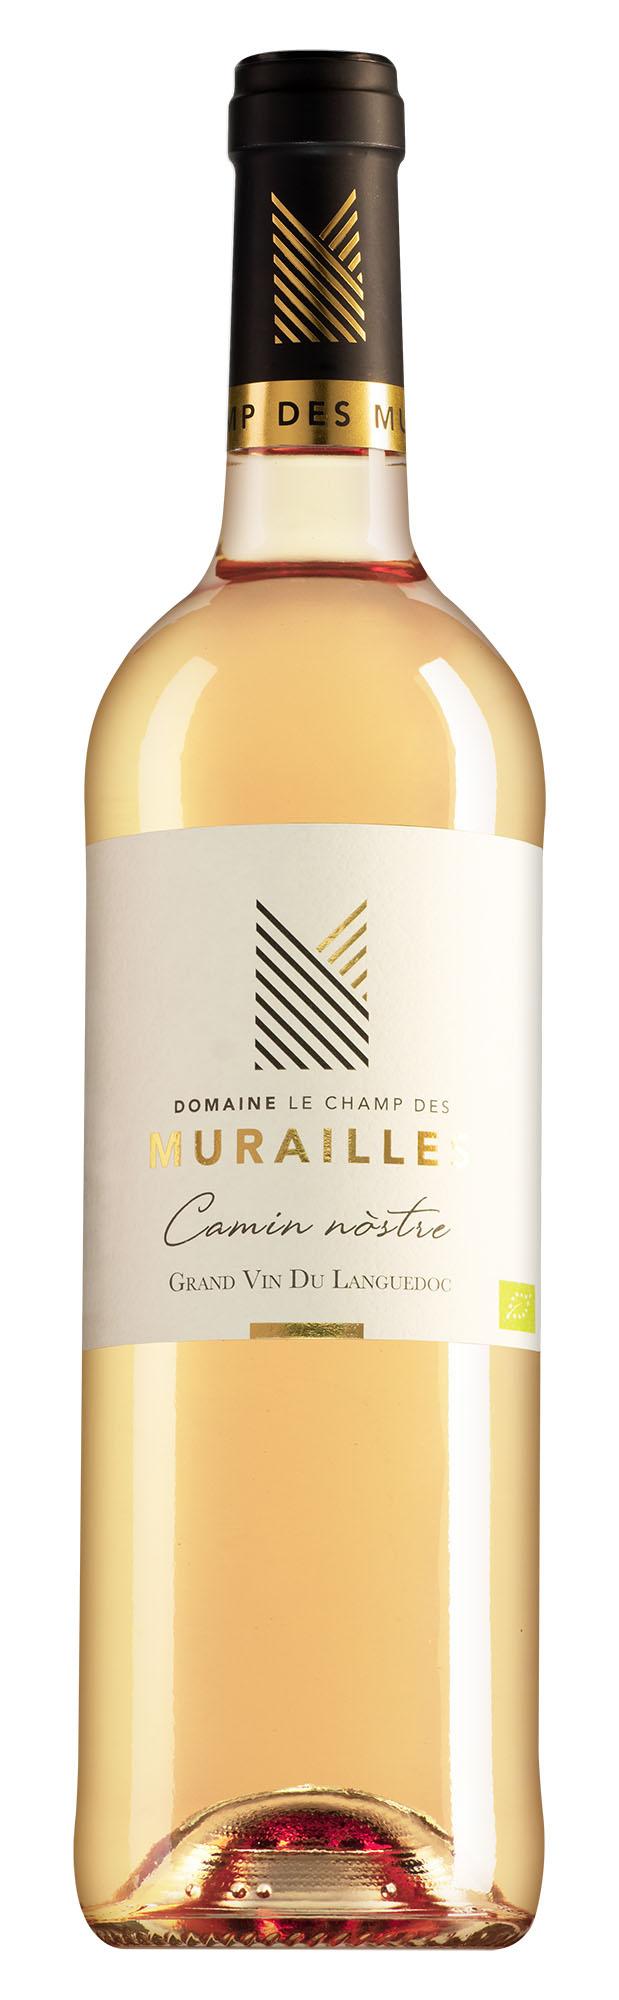 Le Champ des Murailles Languedoc Camin Nostre Rosé